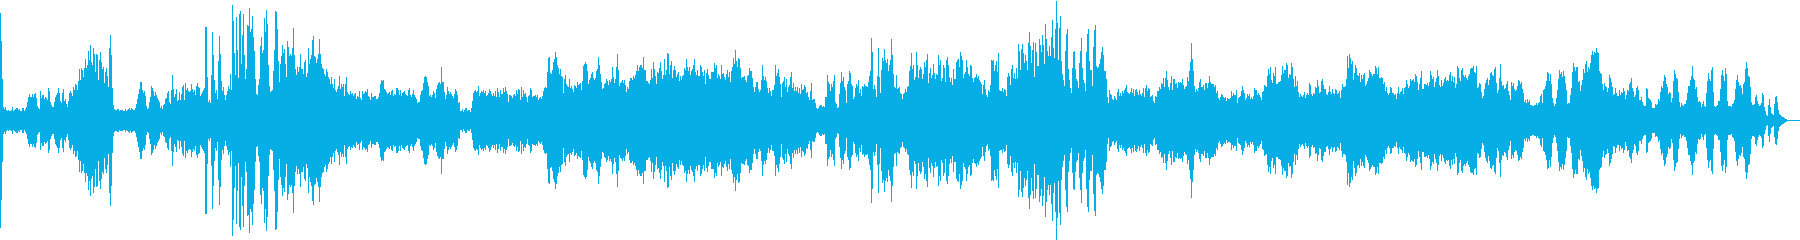 スメタナ 「わが生涯より」 第1楽章の再生済みの波形